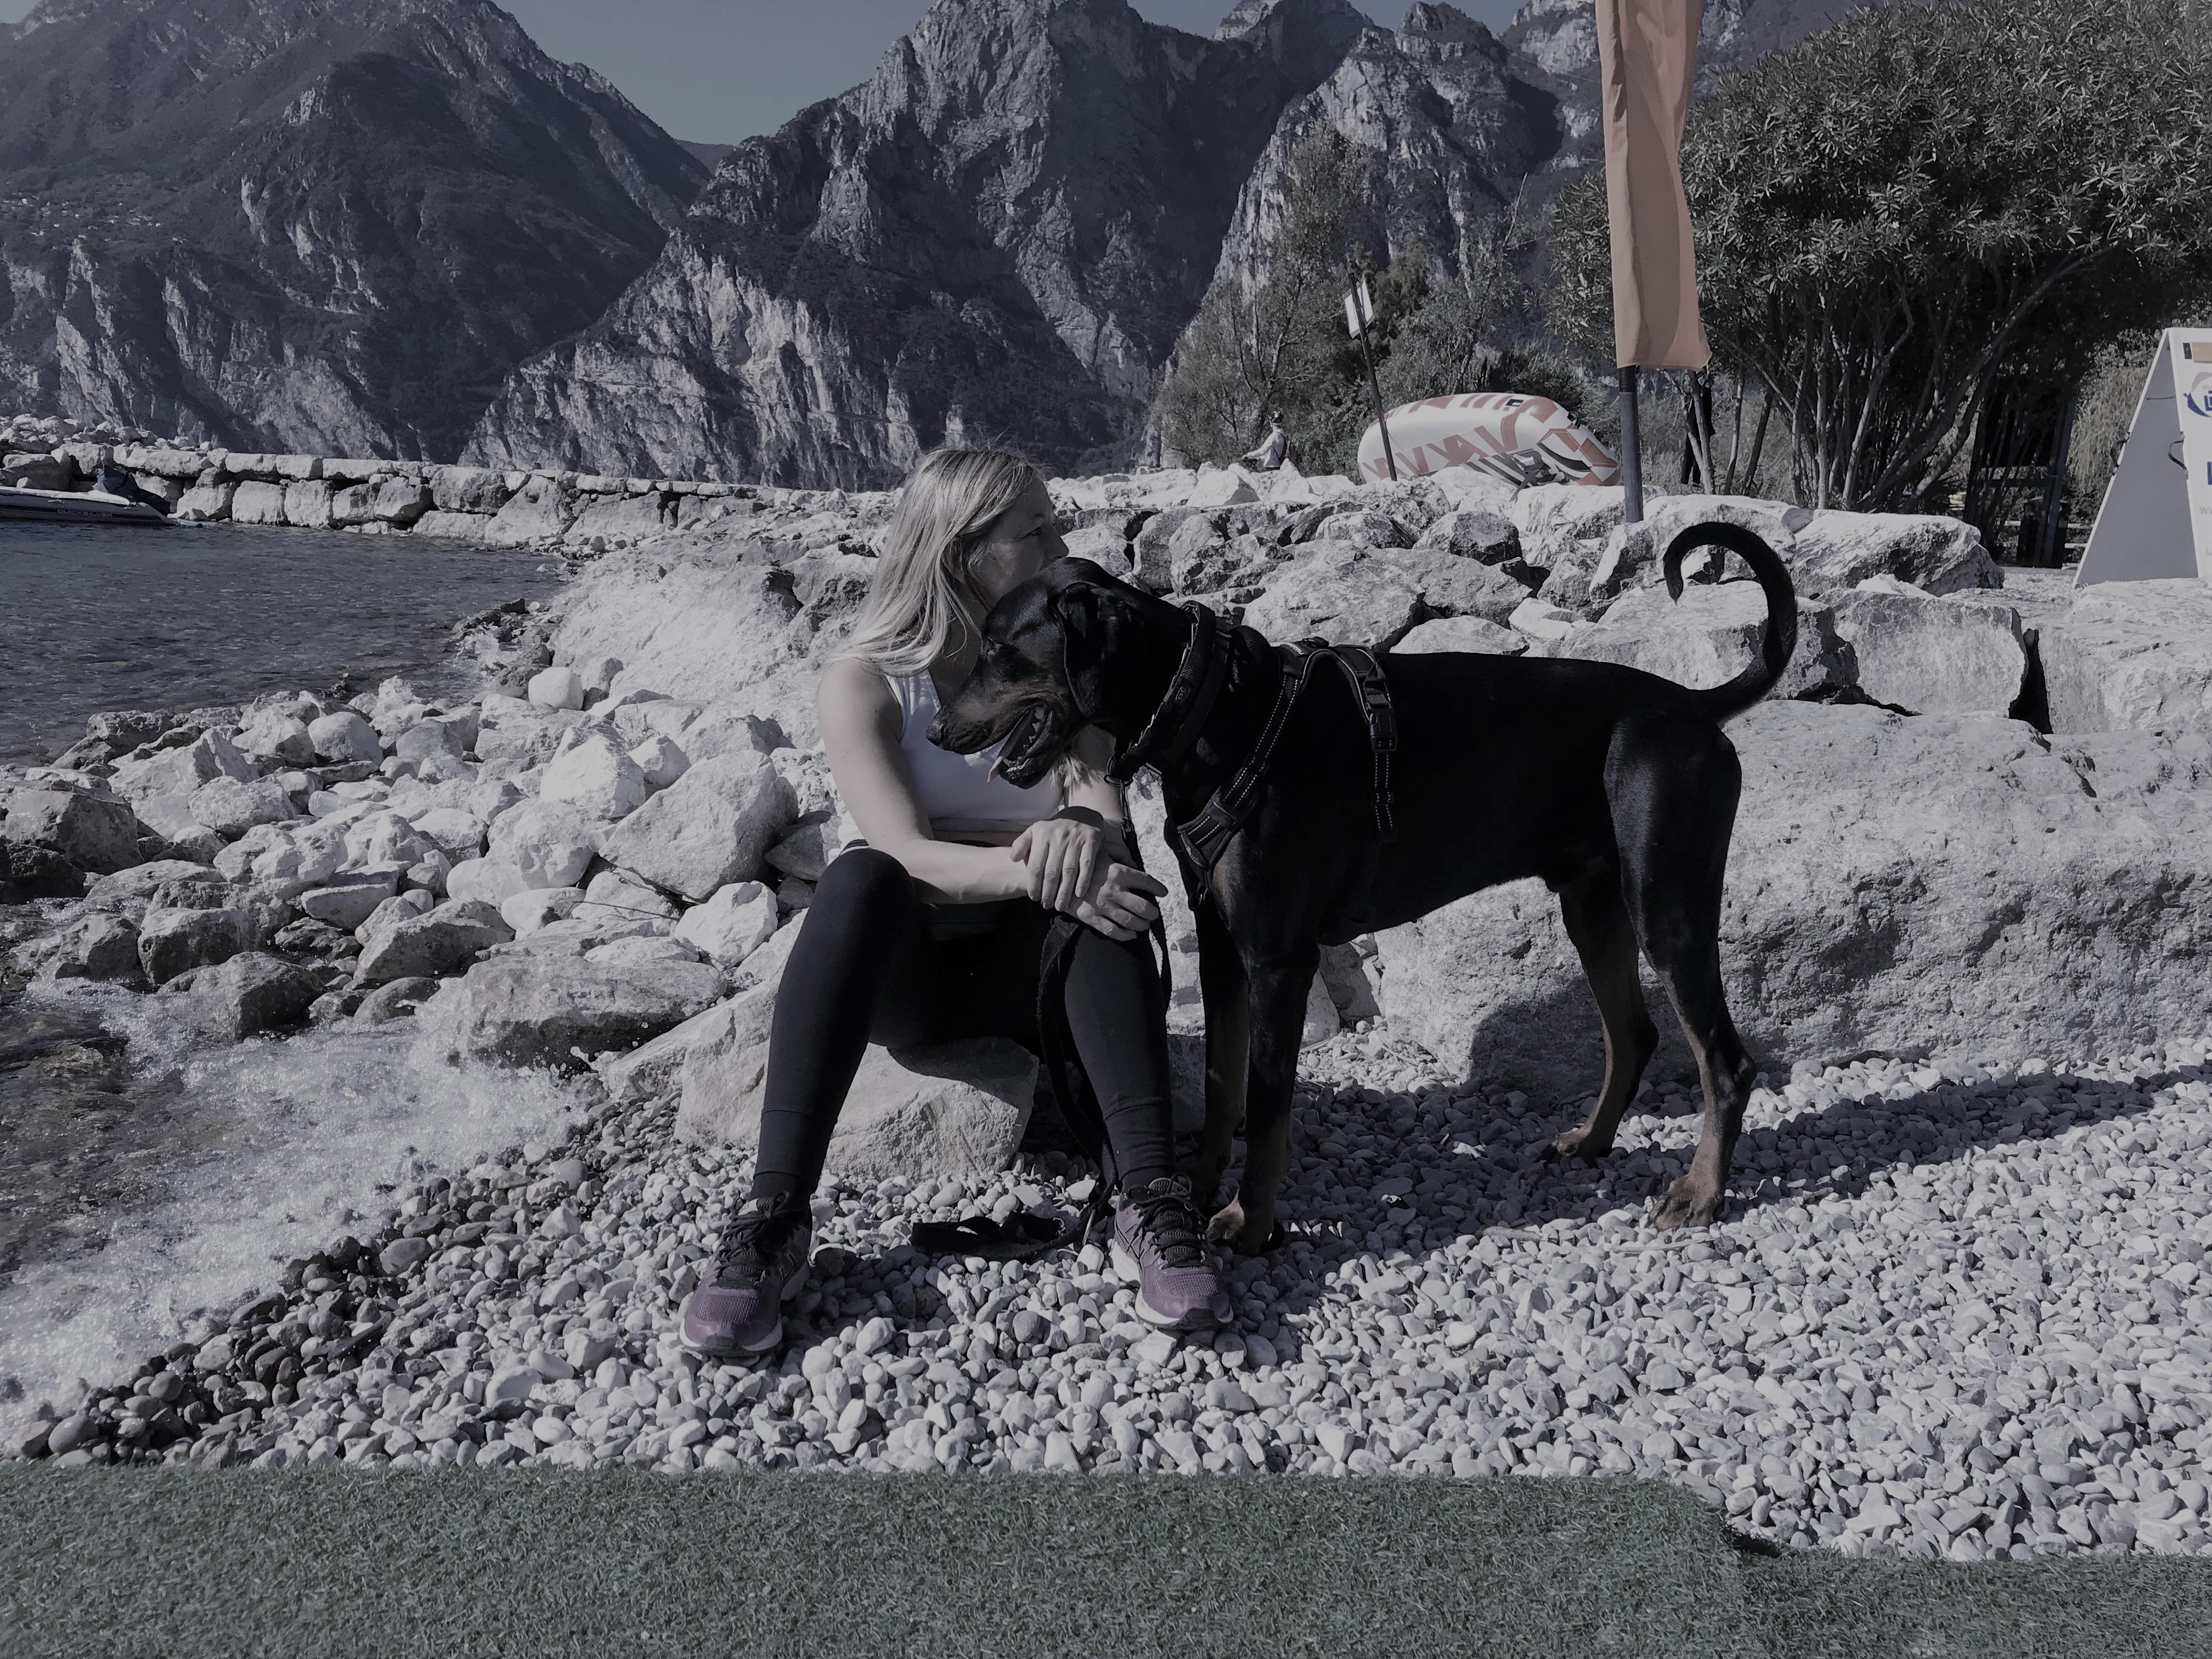 Mein Dobermann-Rüde Cooper und ich am Gardasee  - Wir waren ein gutes Team.